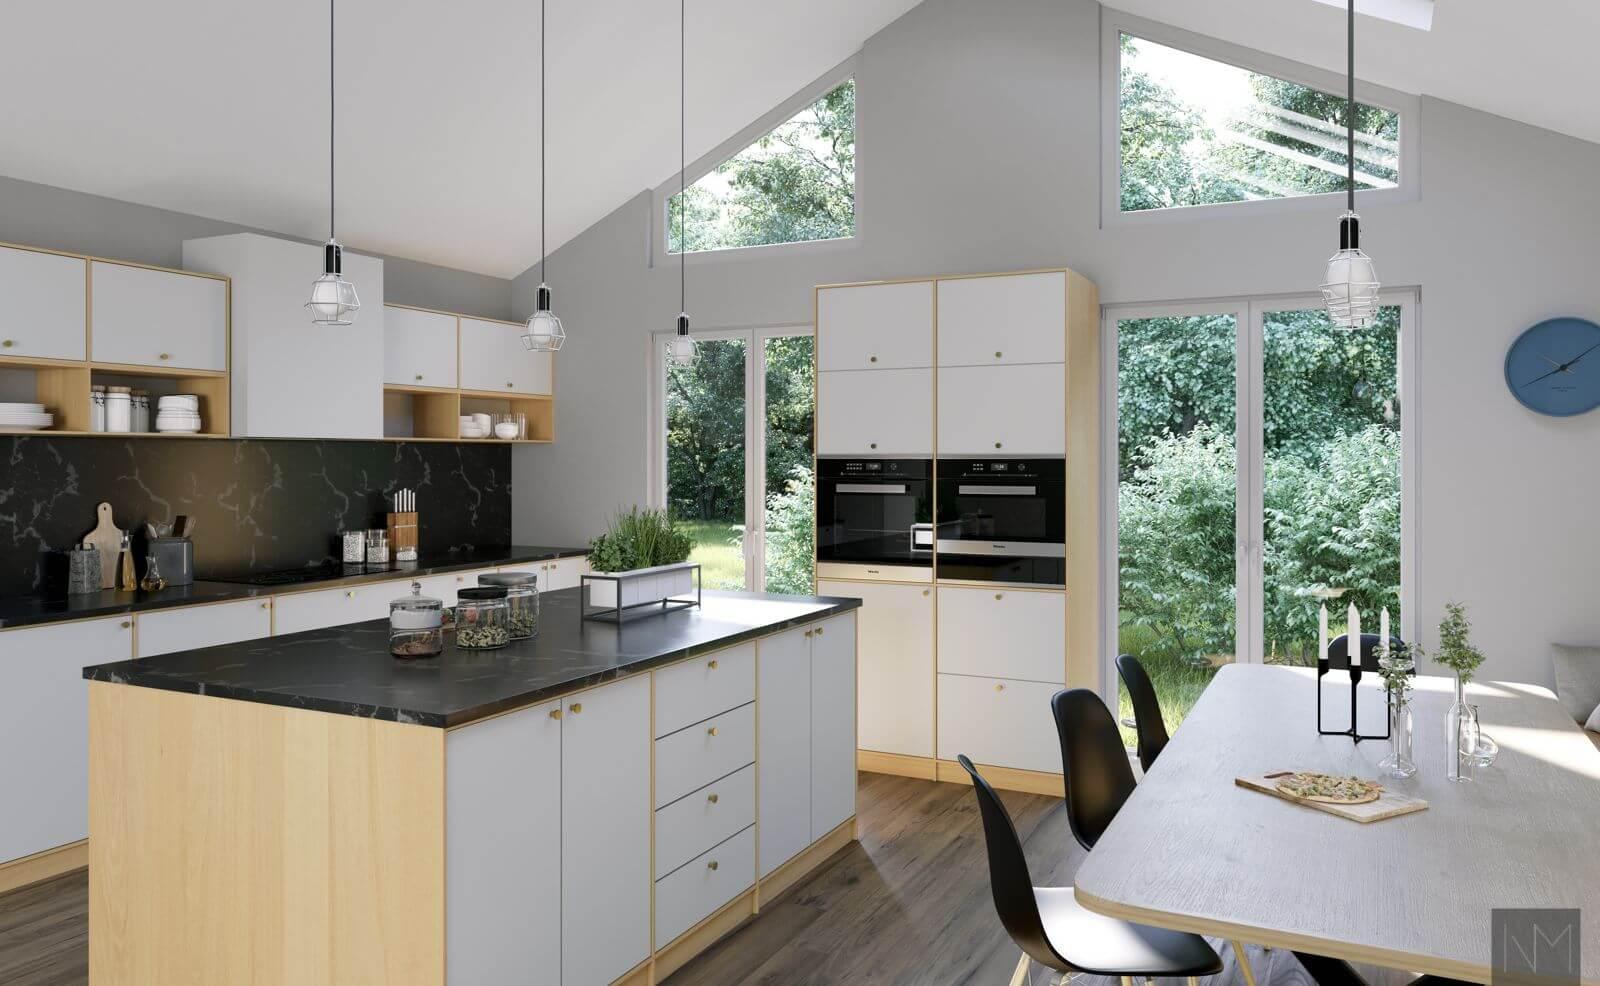 Kjøkkenfronter i BASIC design i klassisk hvit , NCS S0500-N